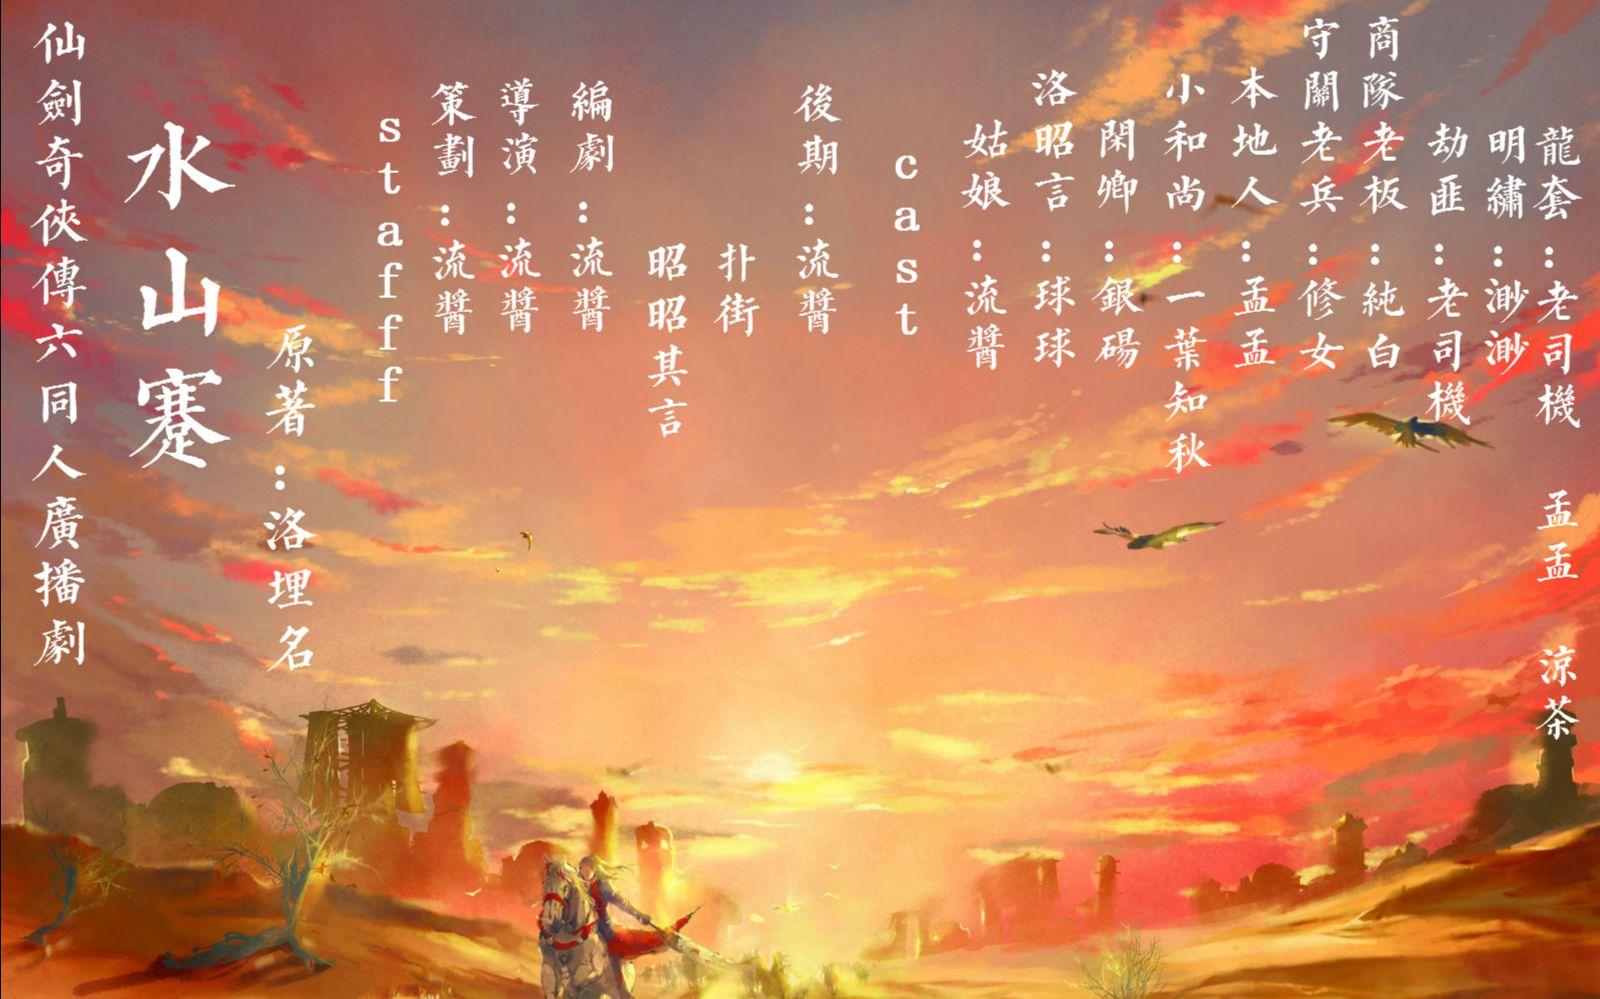 仙剑奇侠传六同人广播剧《水山蹇》